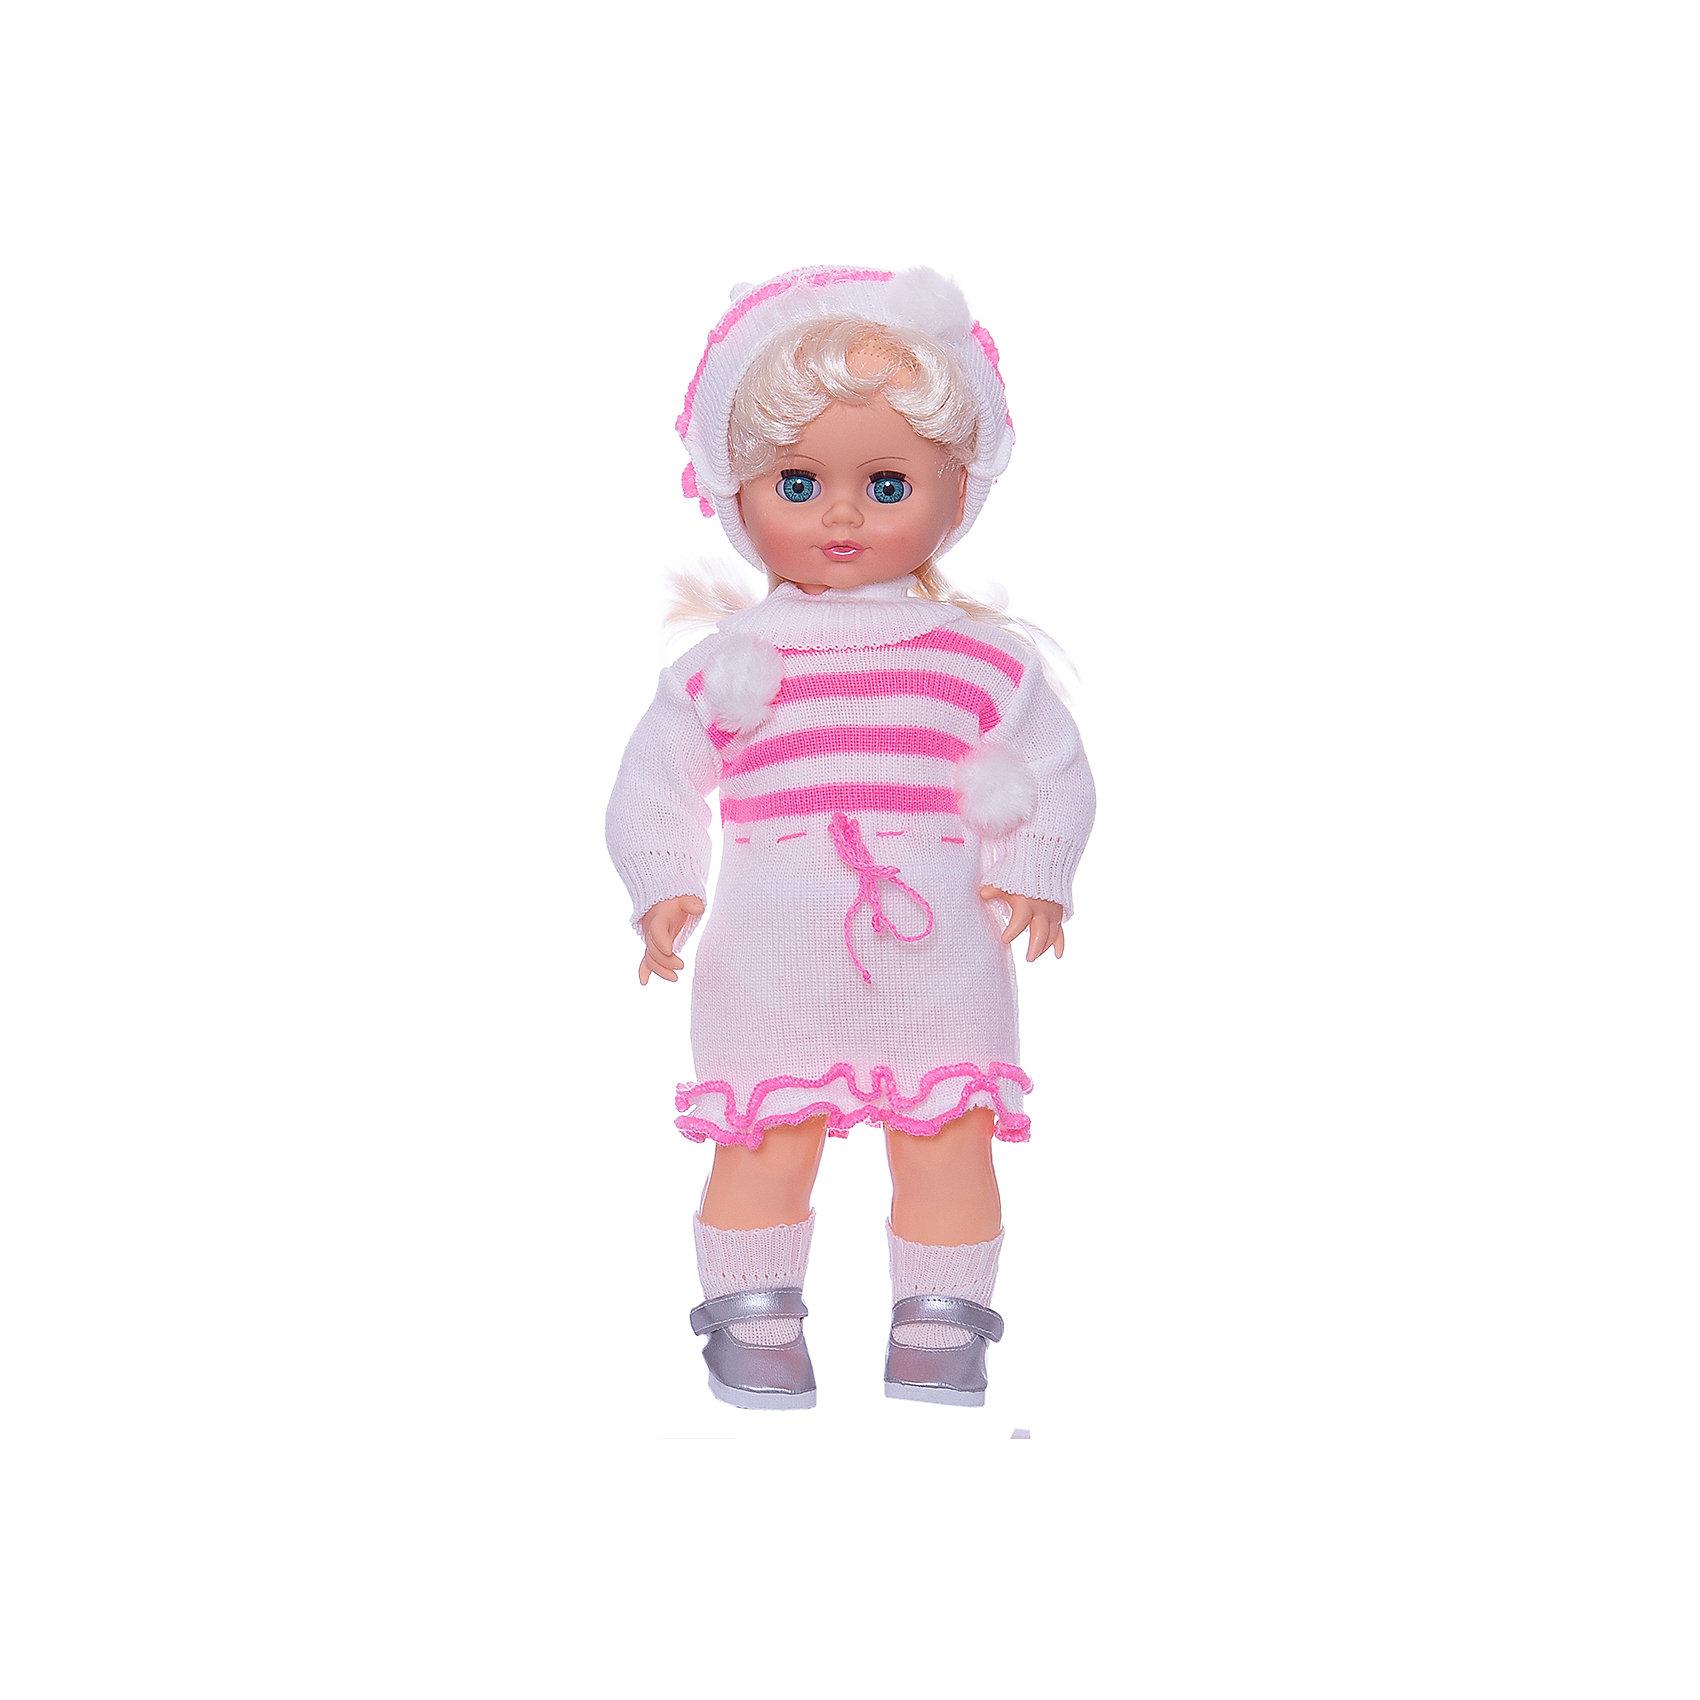 Весна Кукла Инна 37, со звуком, 43 см, Весна кукла весна инна в куртке со звуком 43 см